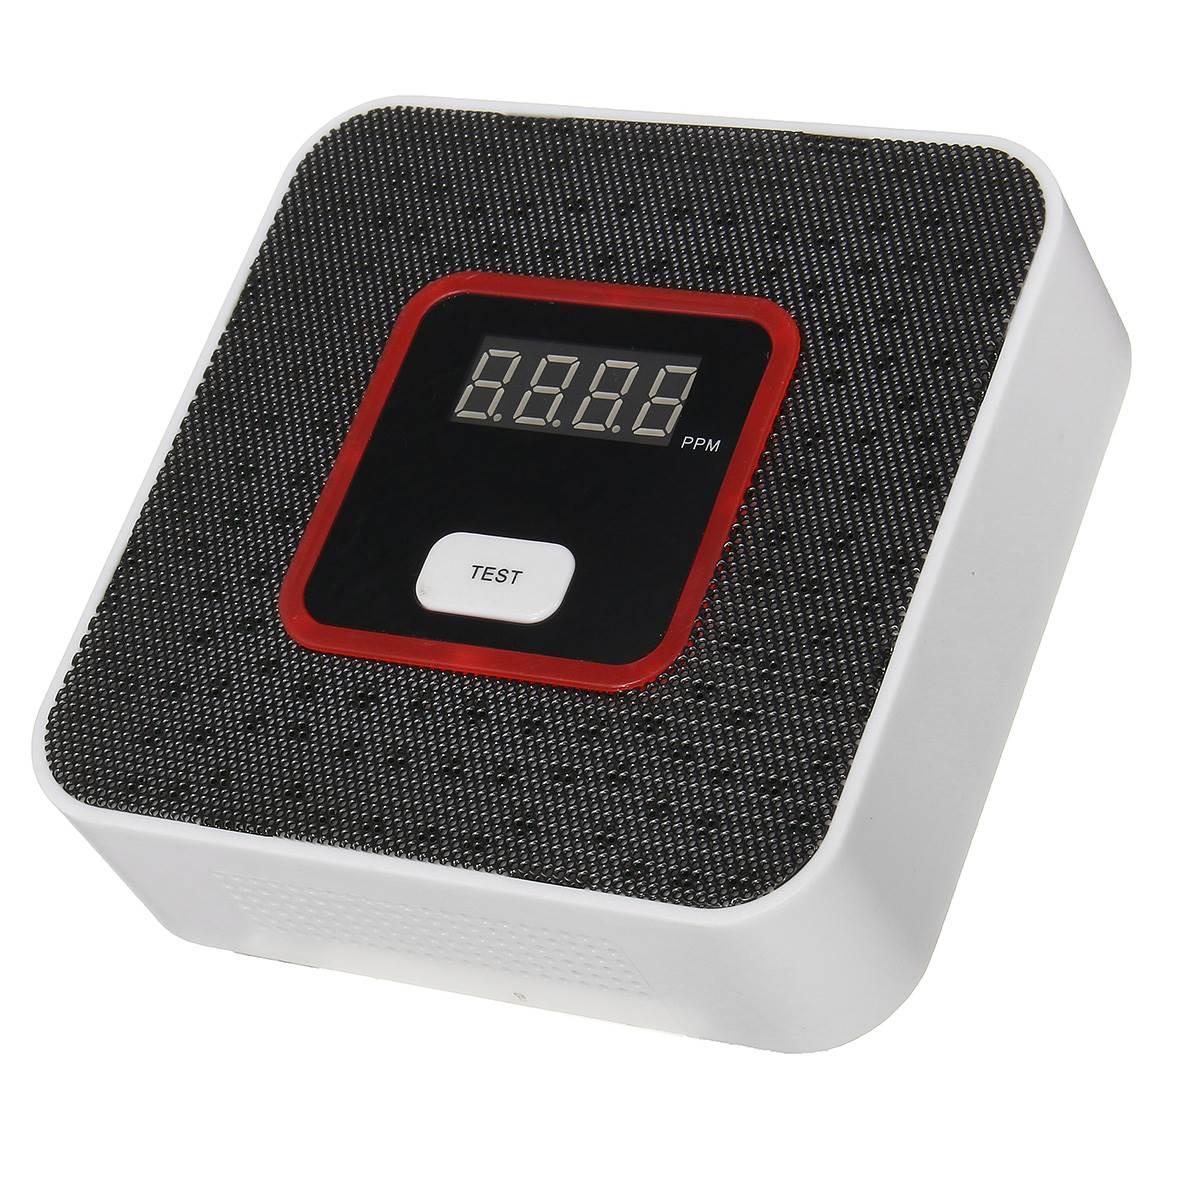 imágenes para Seguridad para el hogar LCD Inteligente Sensor de Alarma de Fugas De Gas Combustible Con Voz de Alerta Tester Detector de Seguridad Para El Hogar